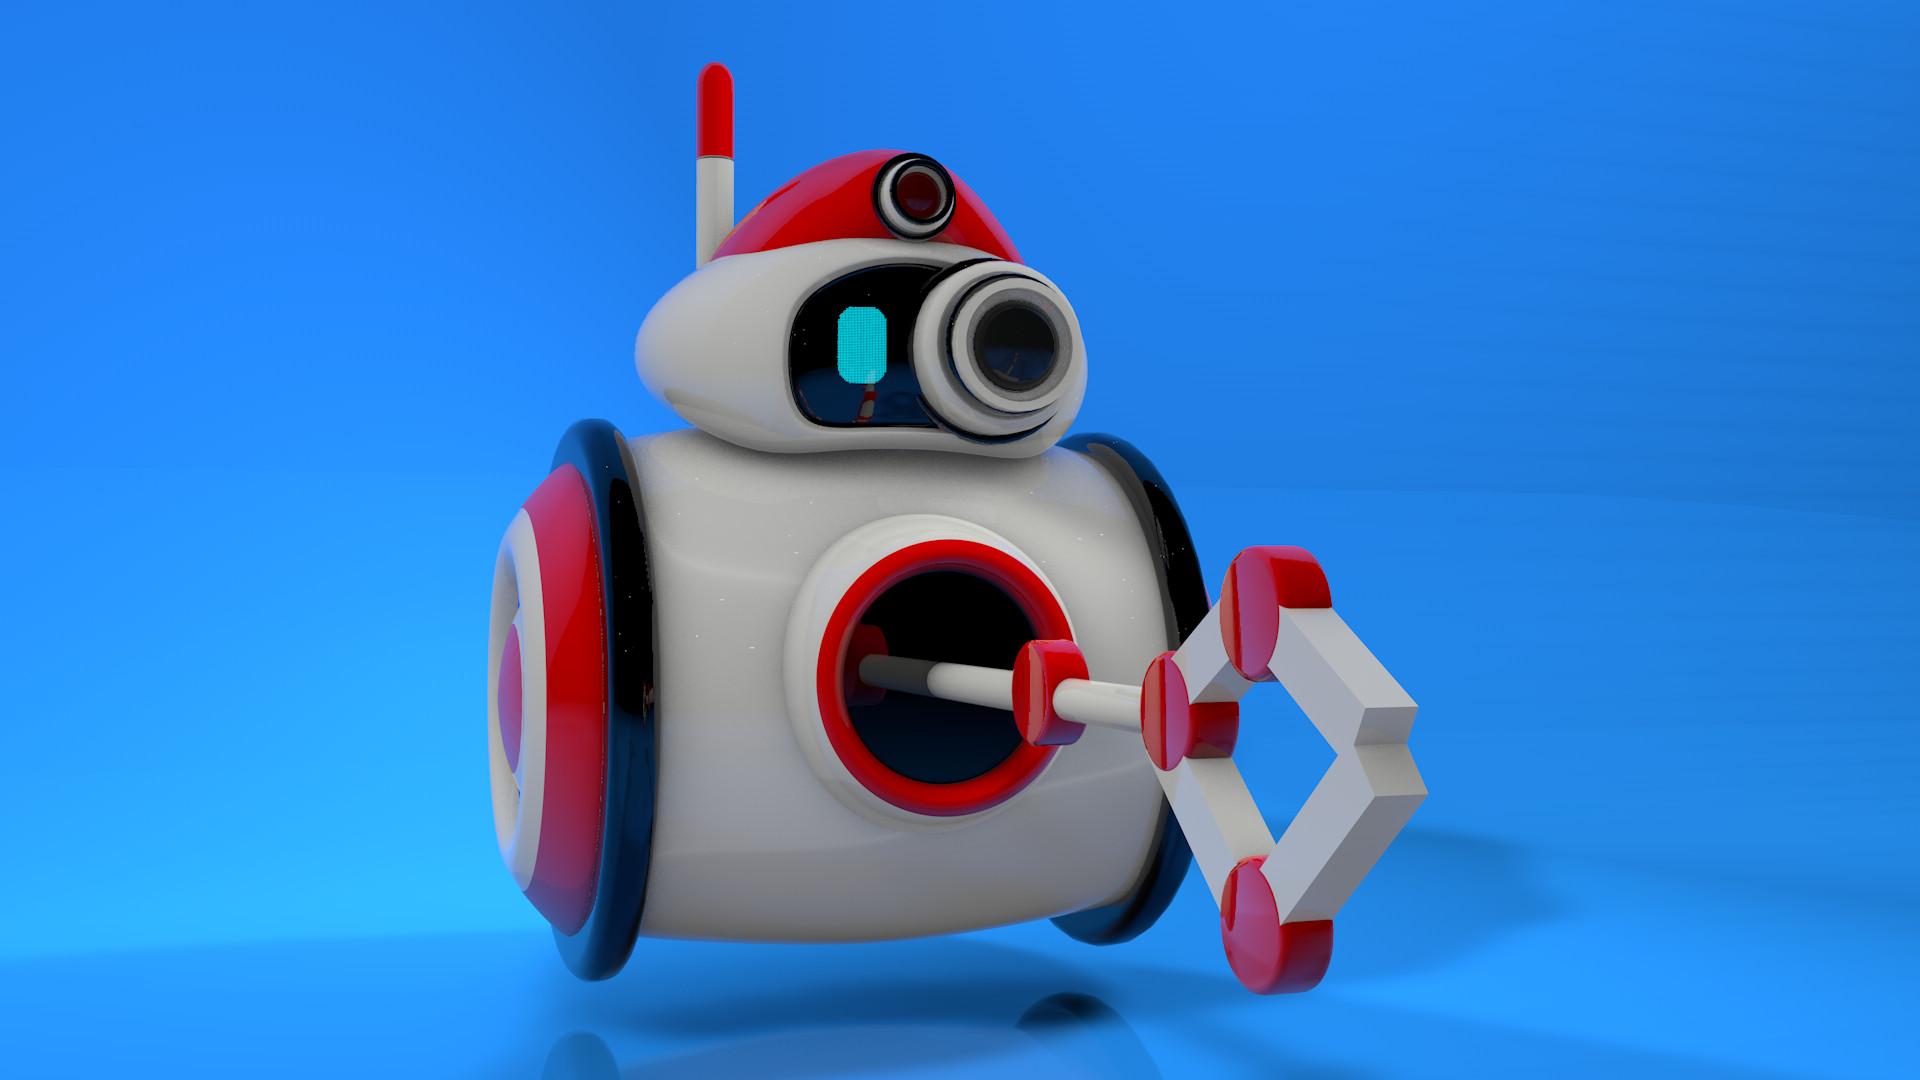 Daniel clasquin robotvisual